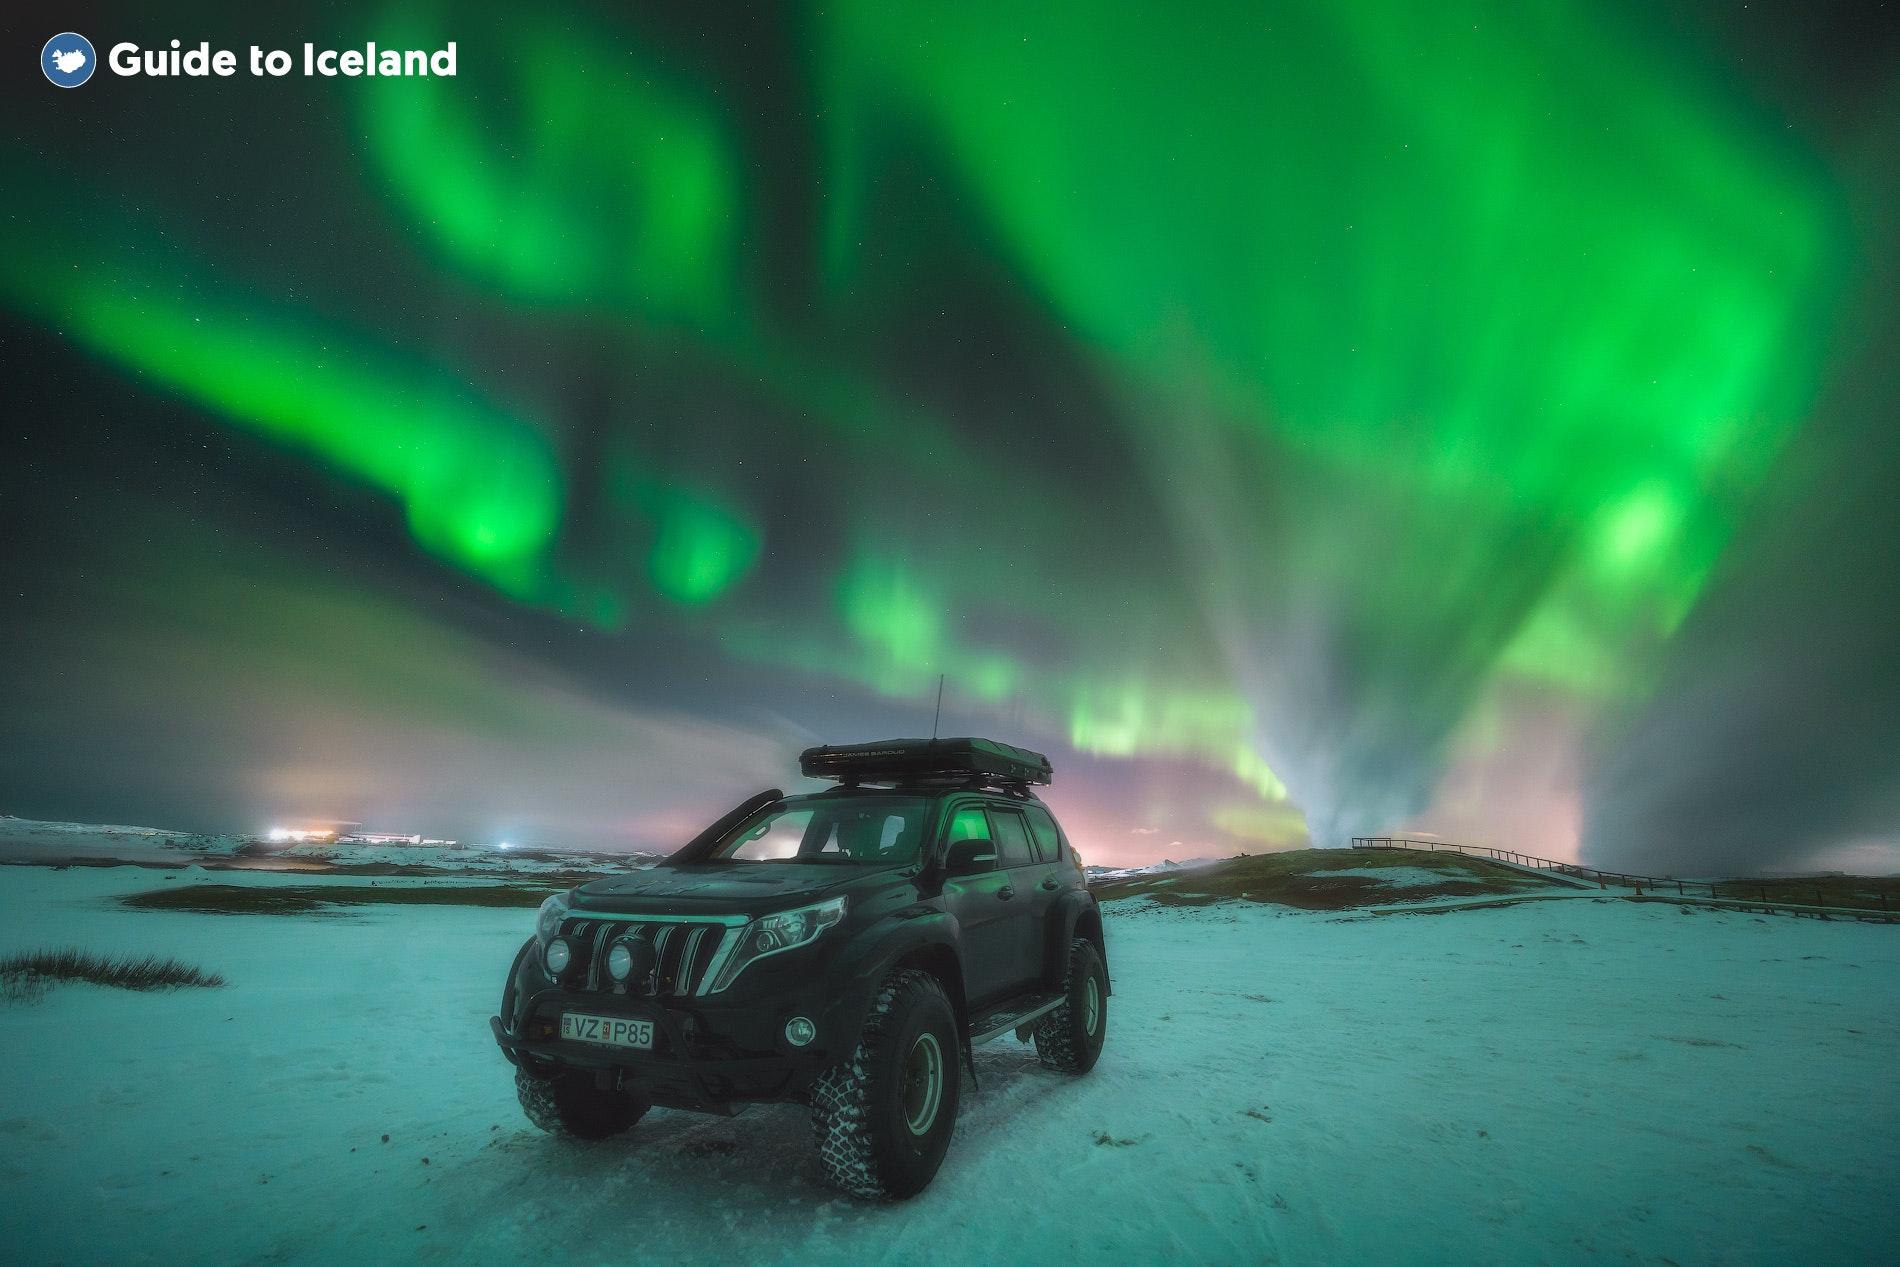 렌트카로 떠나는 아이슬란드 겨울여행